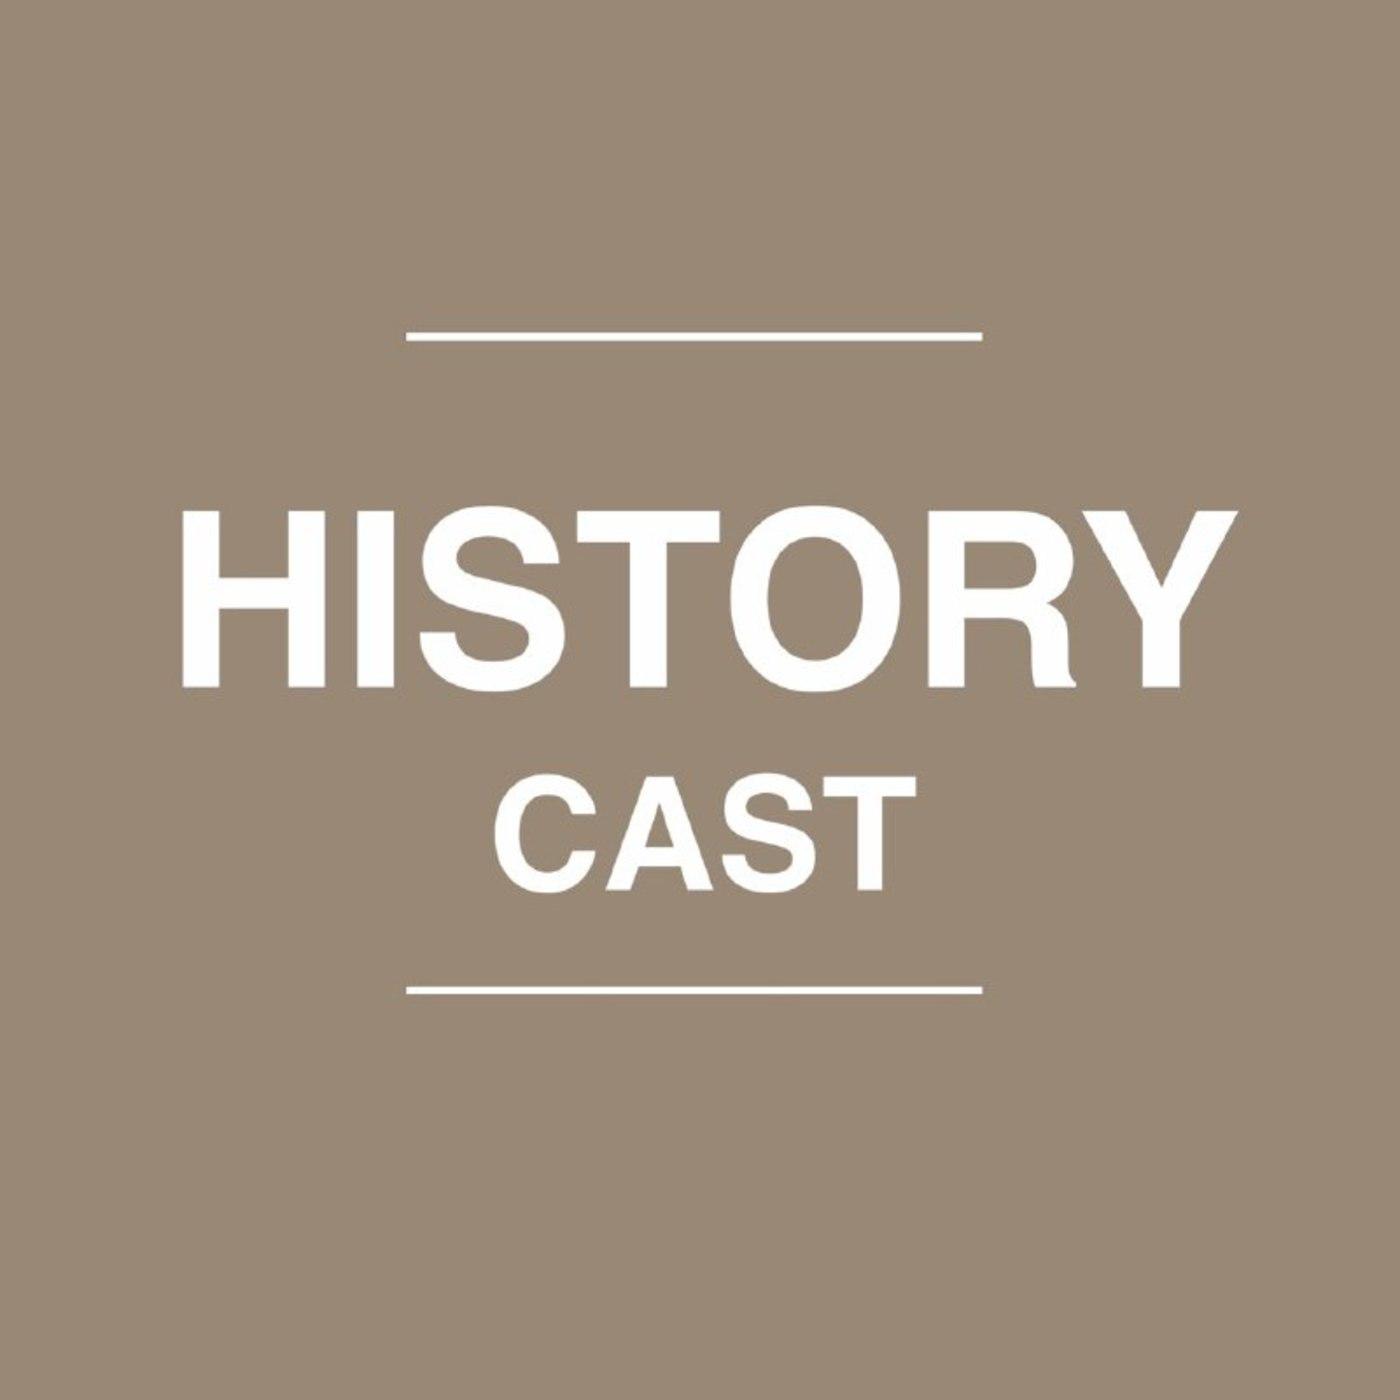 HistoryCast - разговоры об истории